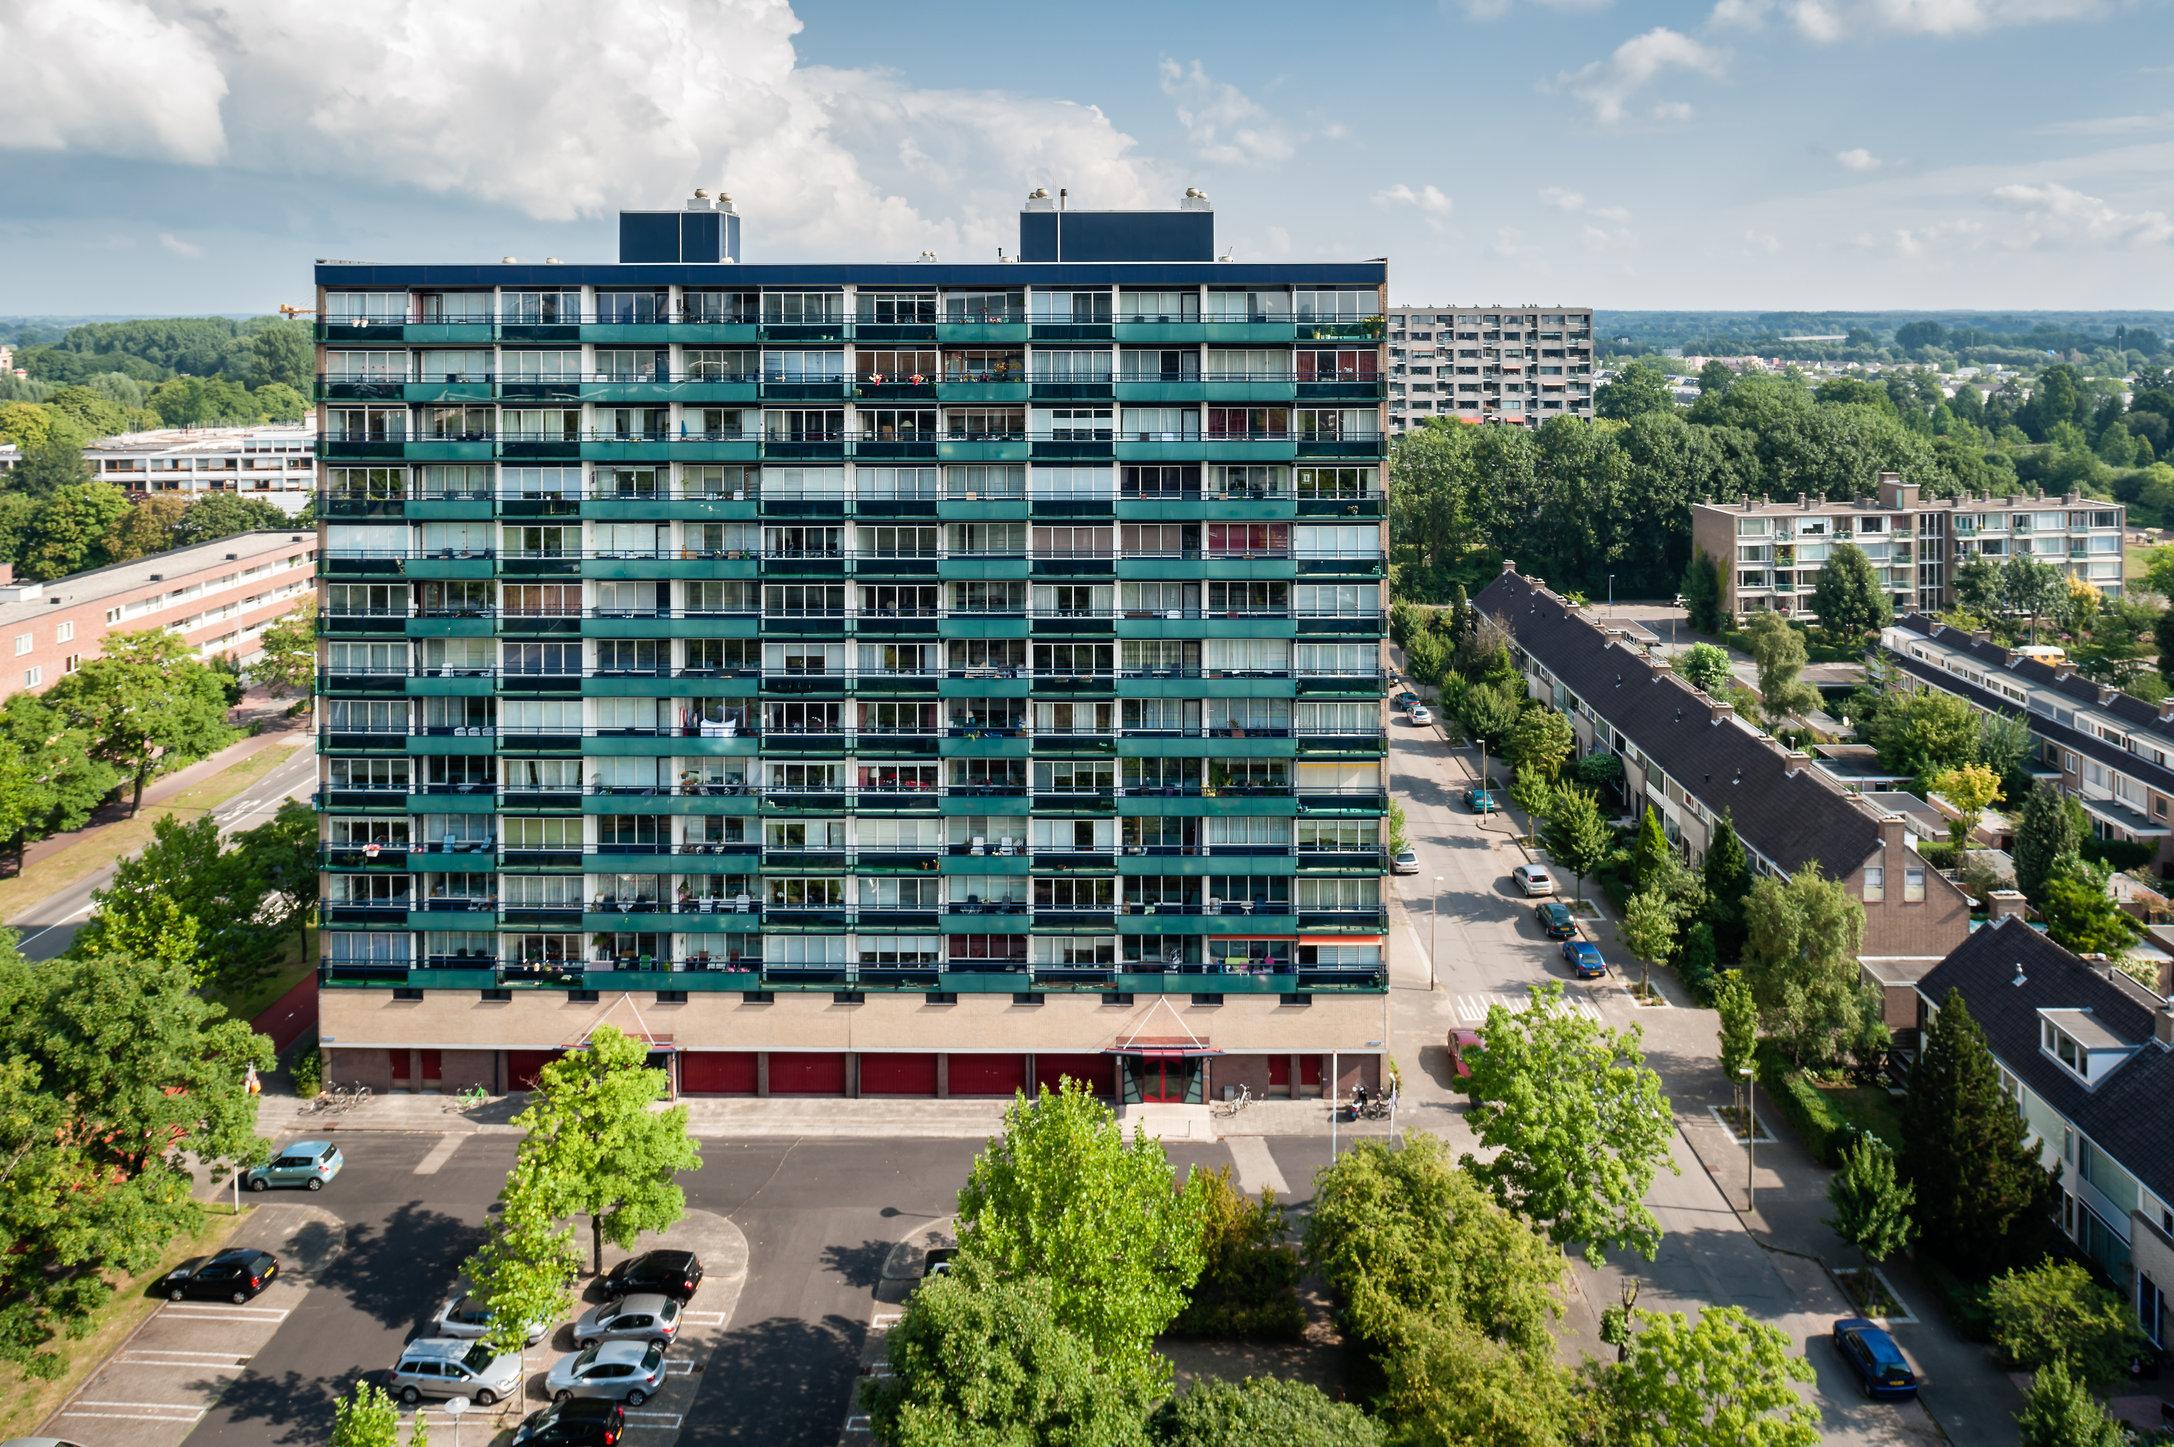 Lamerislaan, Utrecht  i.o.v. a.s.r. vastgoed vermogensbeheer